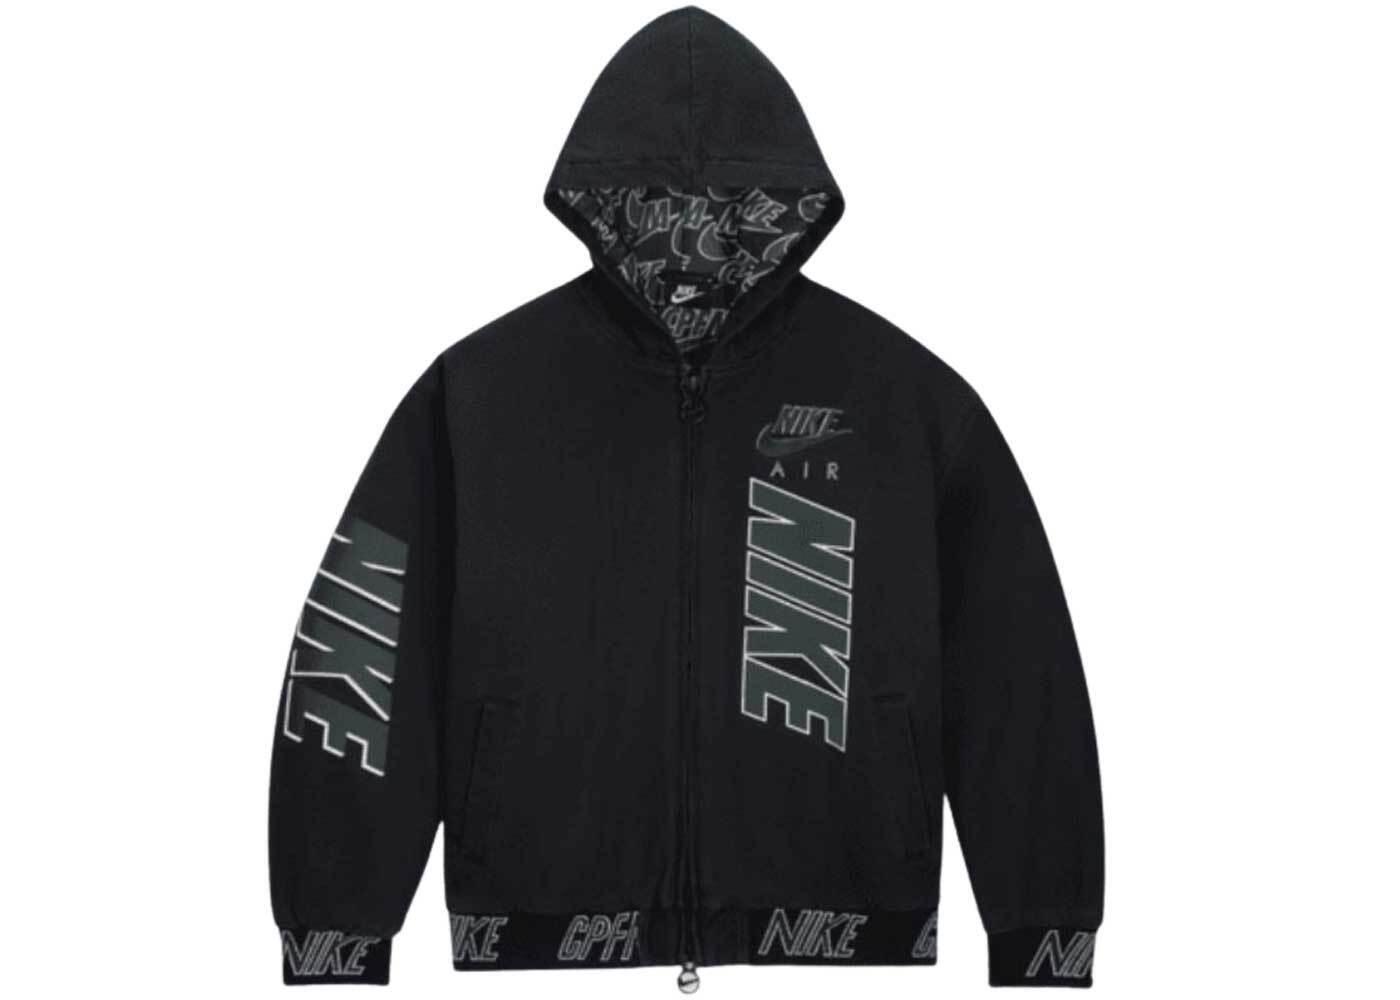 Cactus Plant Flea Market × Nike Work Wear Jacket Blackの写真